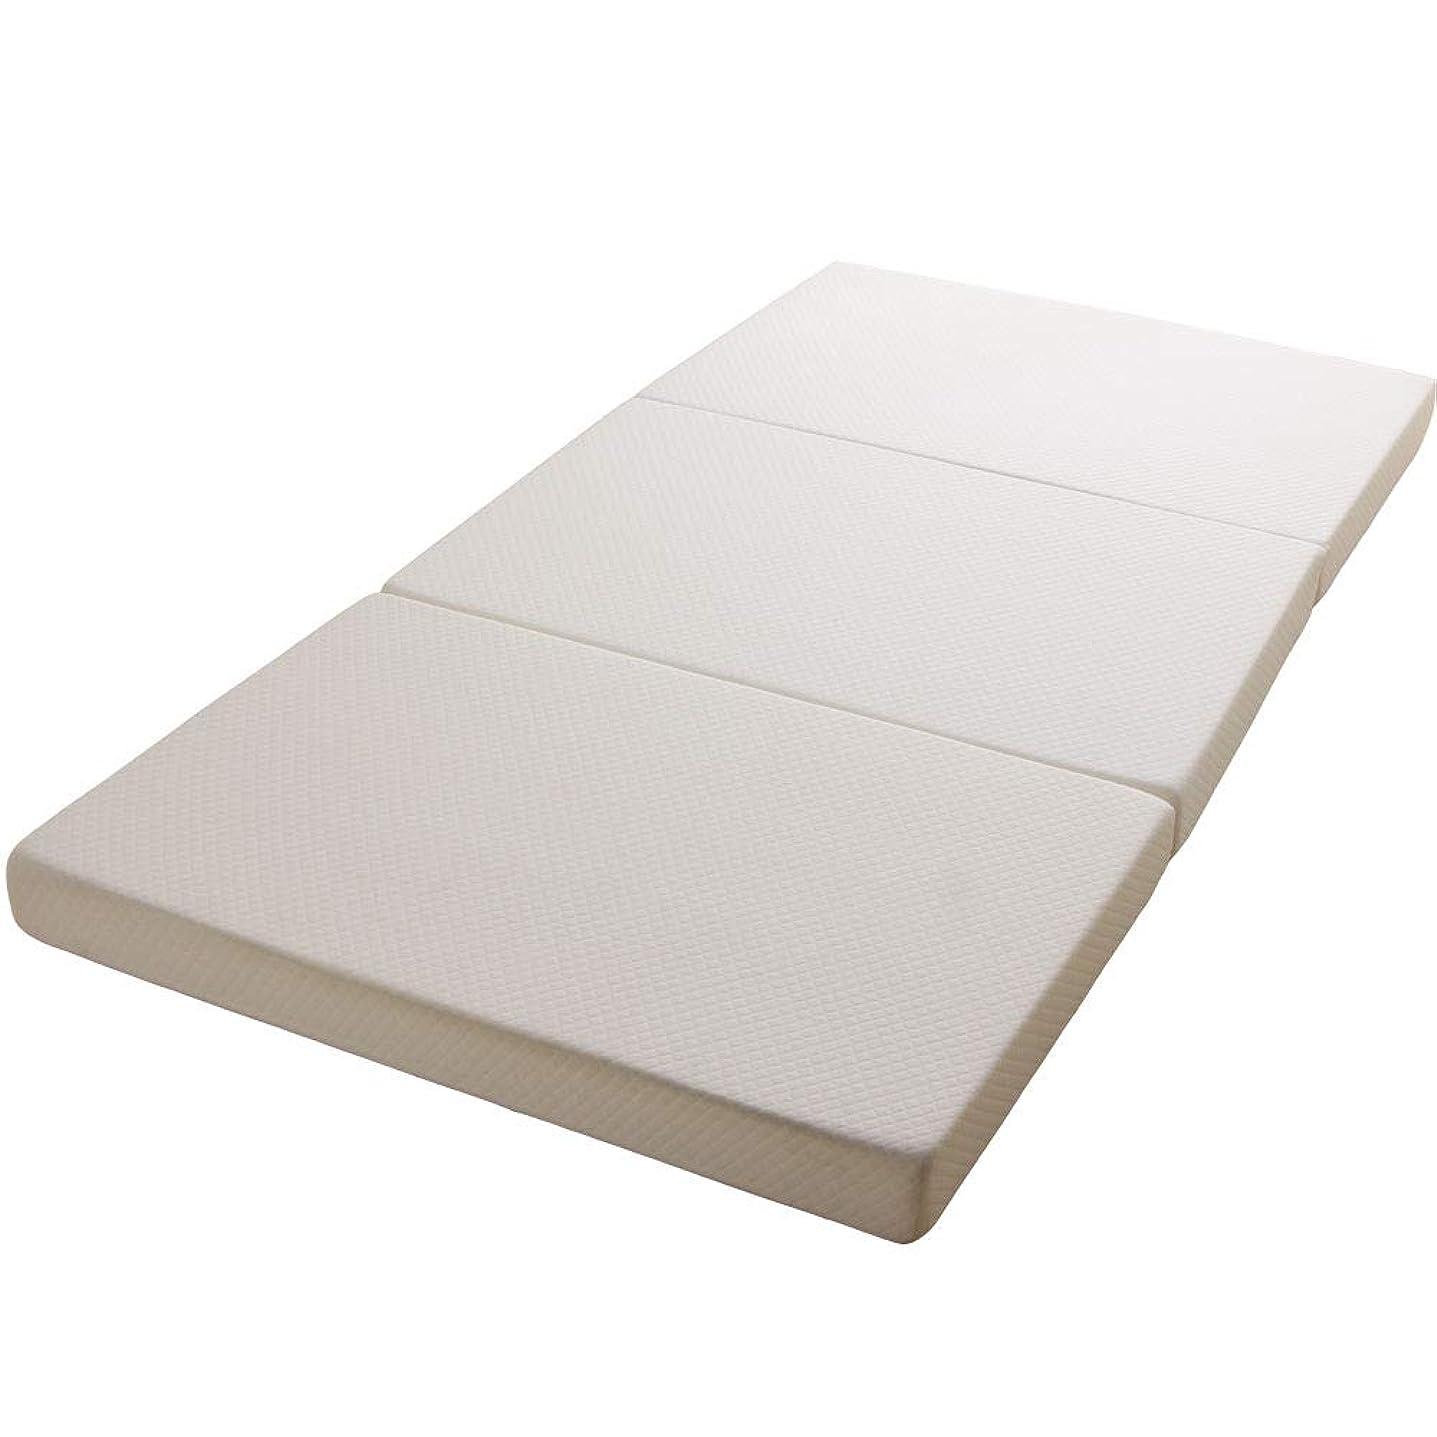 ミスしゃがむに同意するアイリスプラザ マットレス ホワイト セミダブル 10cm三折りフラット25D KUM3-F10-25D-SD